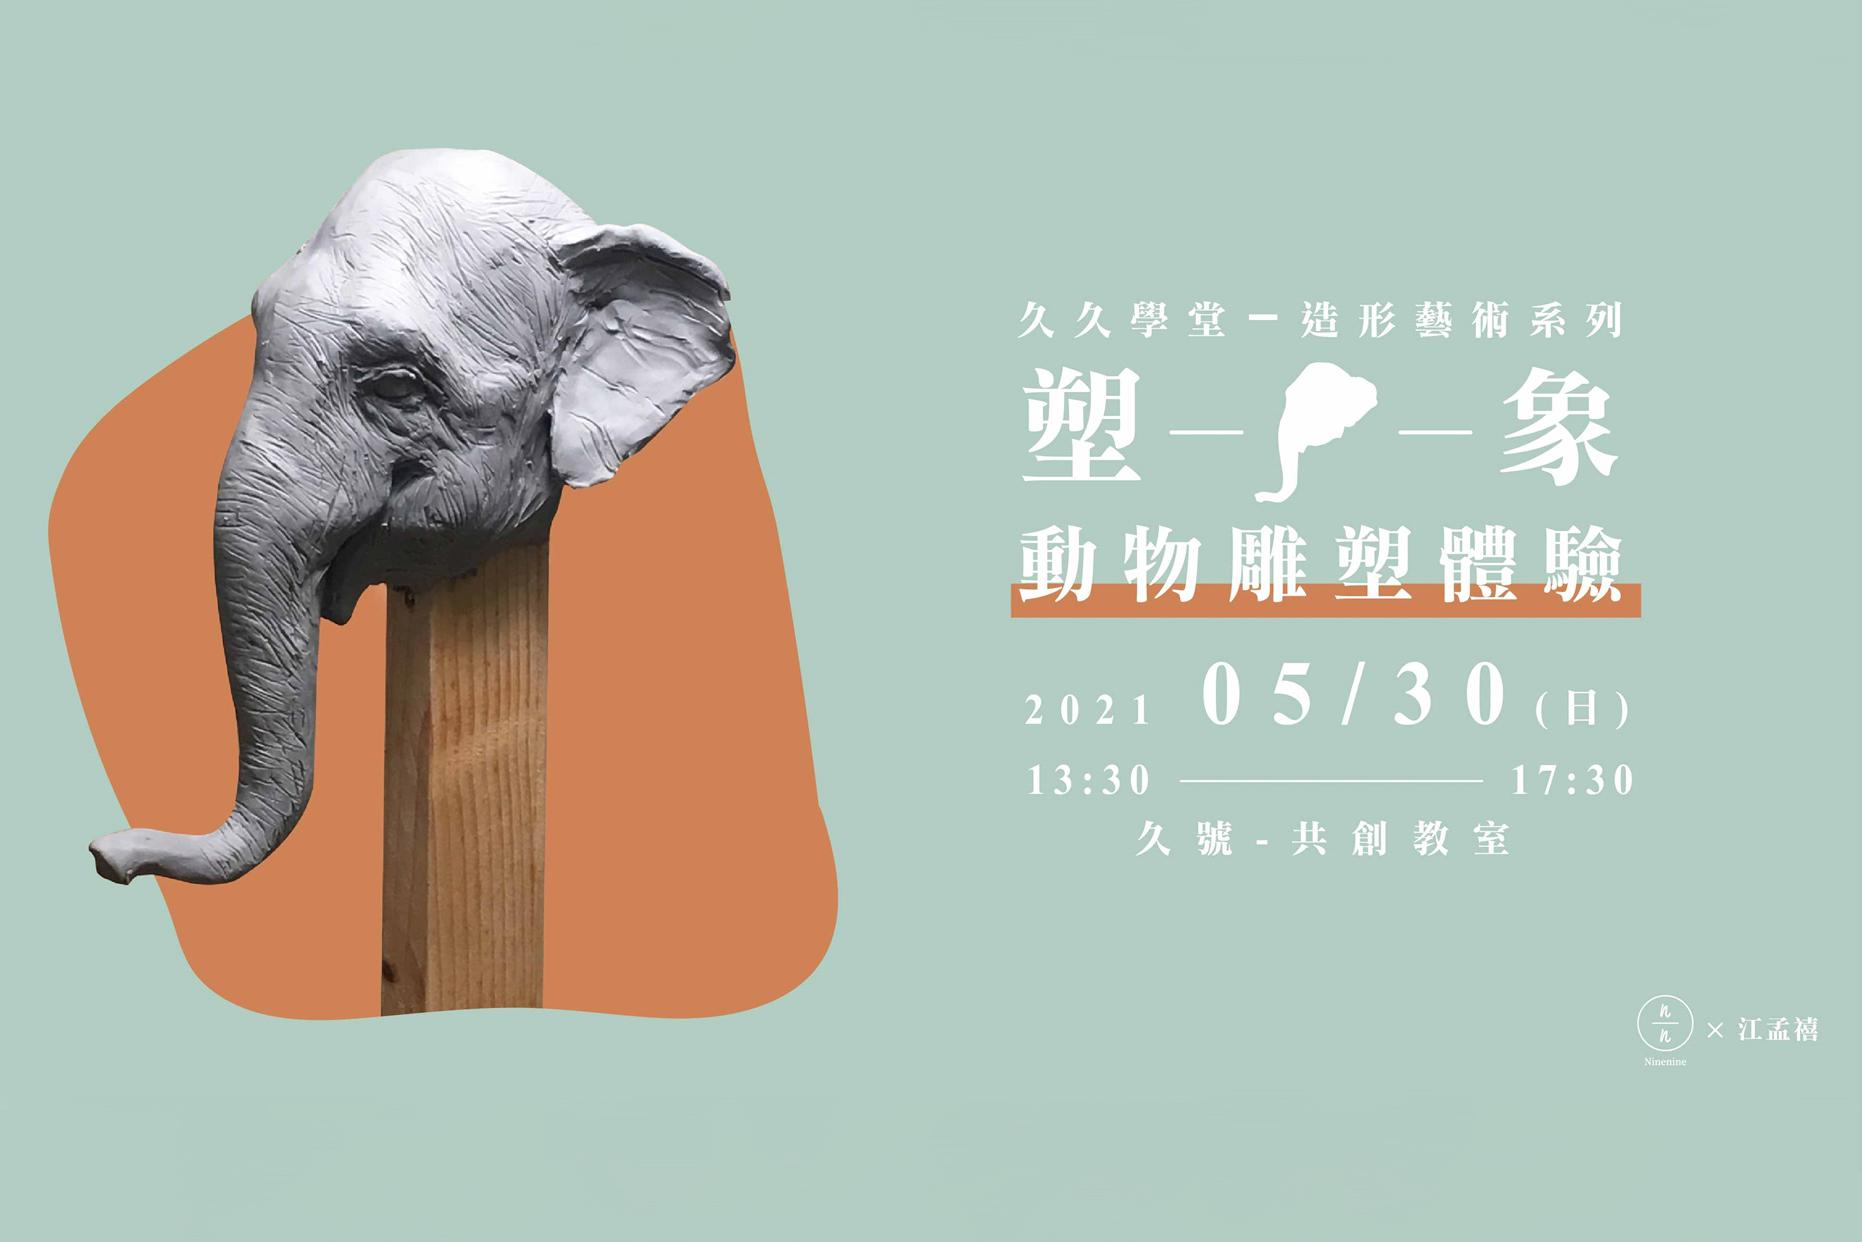 【雕塑工作坊|塑象-動物雕塑體驗】